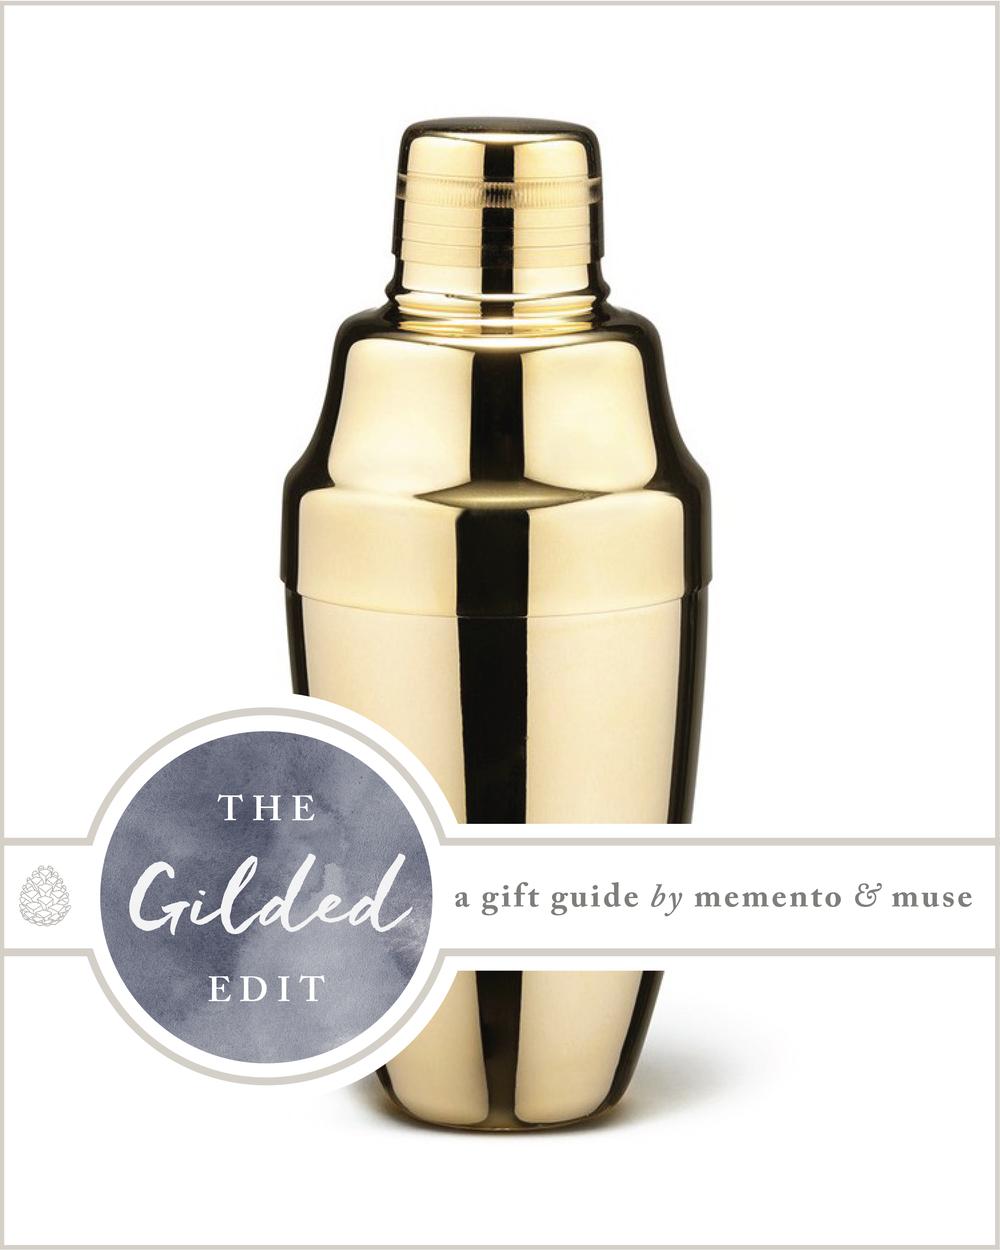 Memento&MuseGiftGuide-Gold